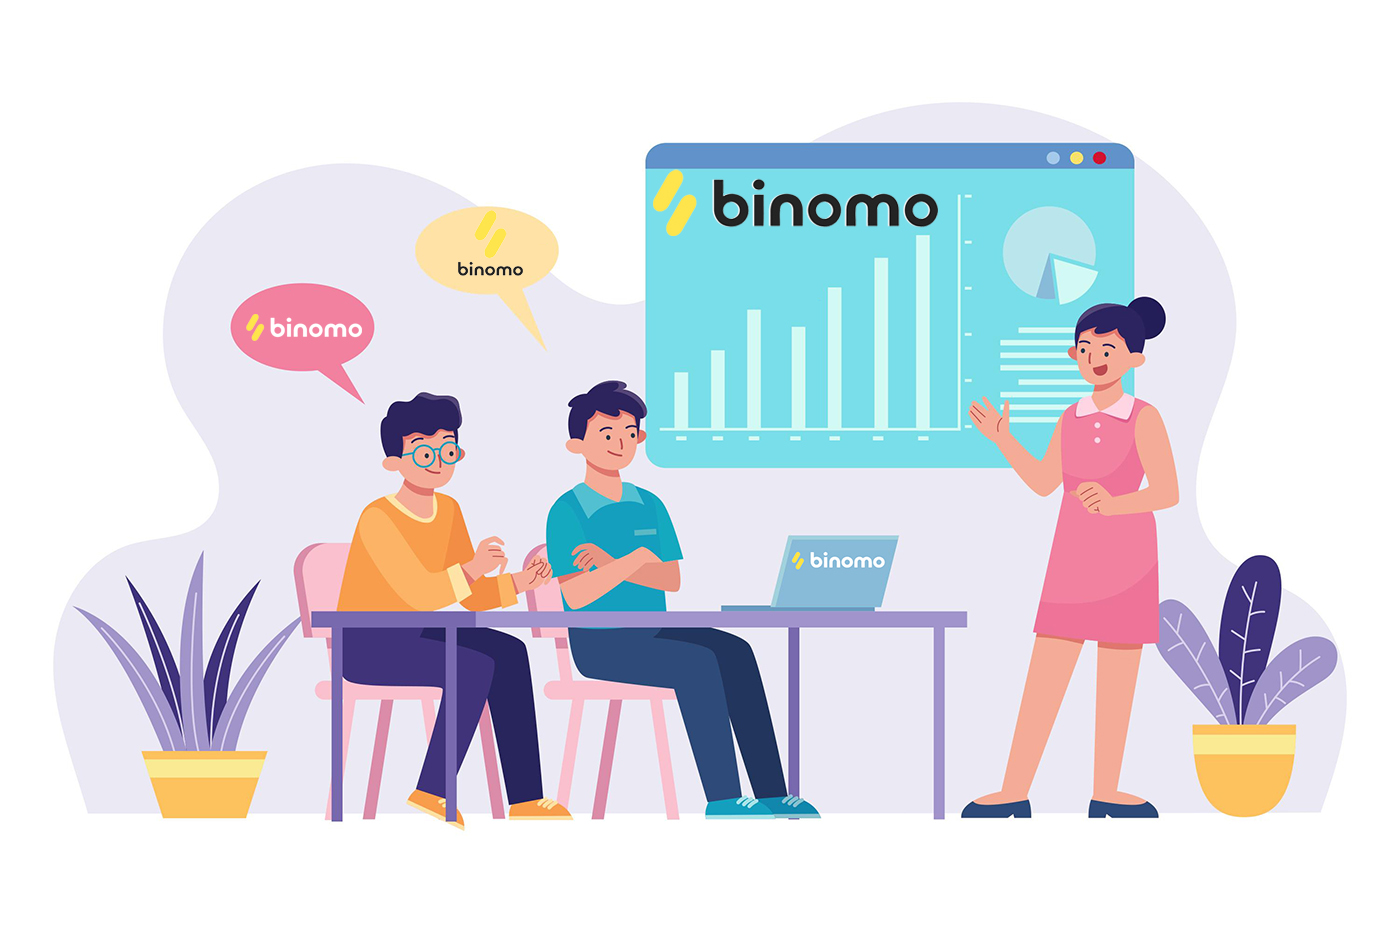 كيفية التسجيل والتجارة في Binomo